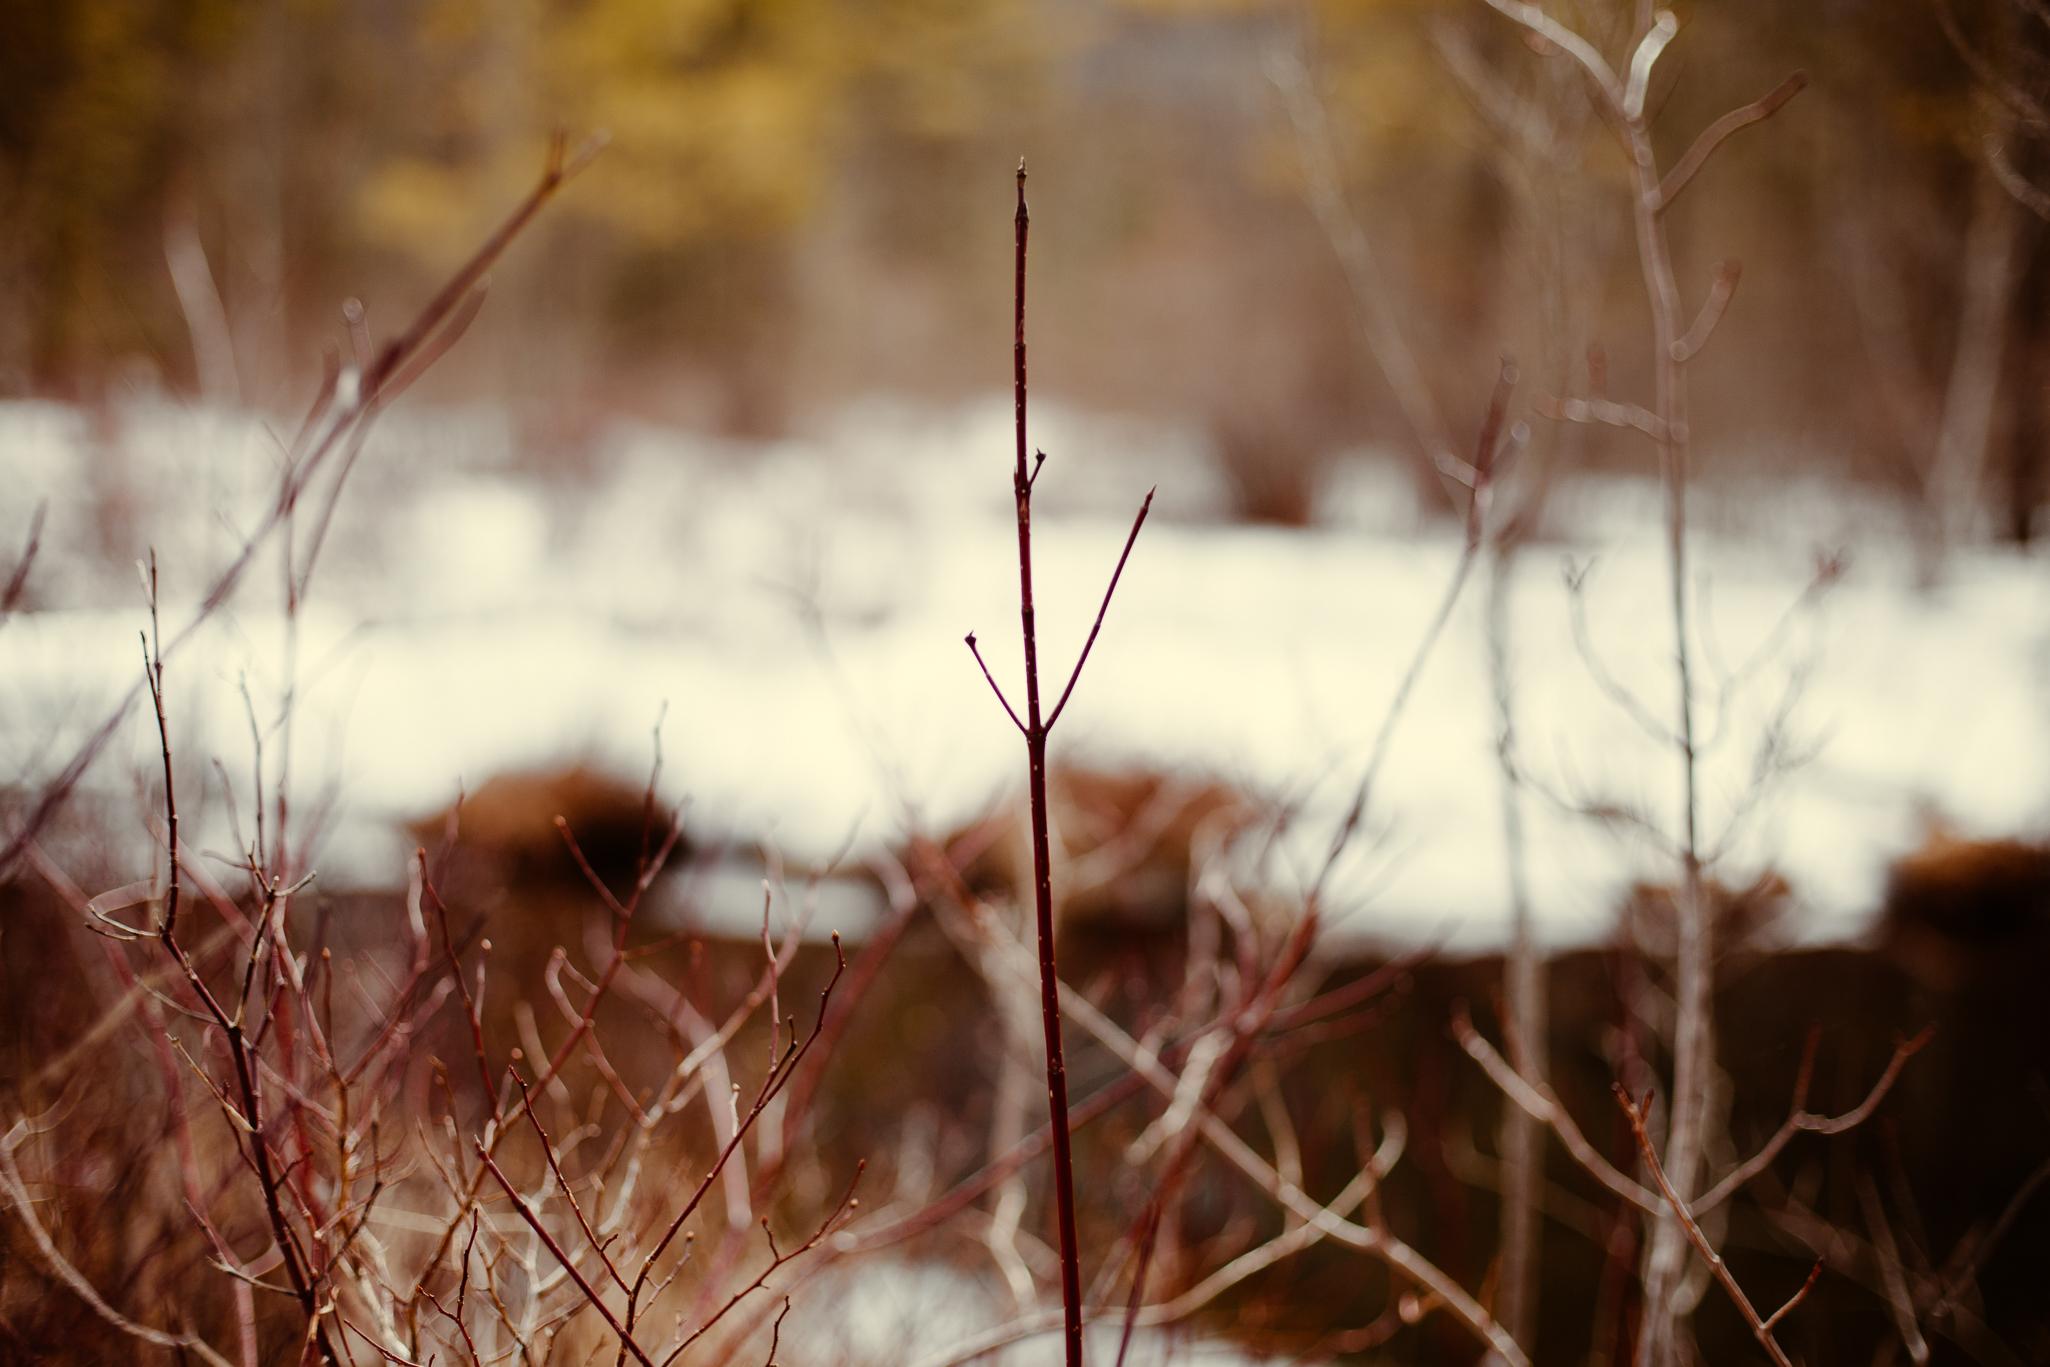 red-winter-bush-branch